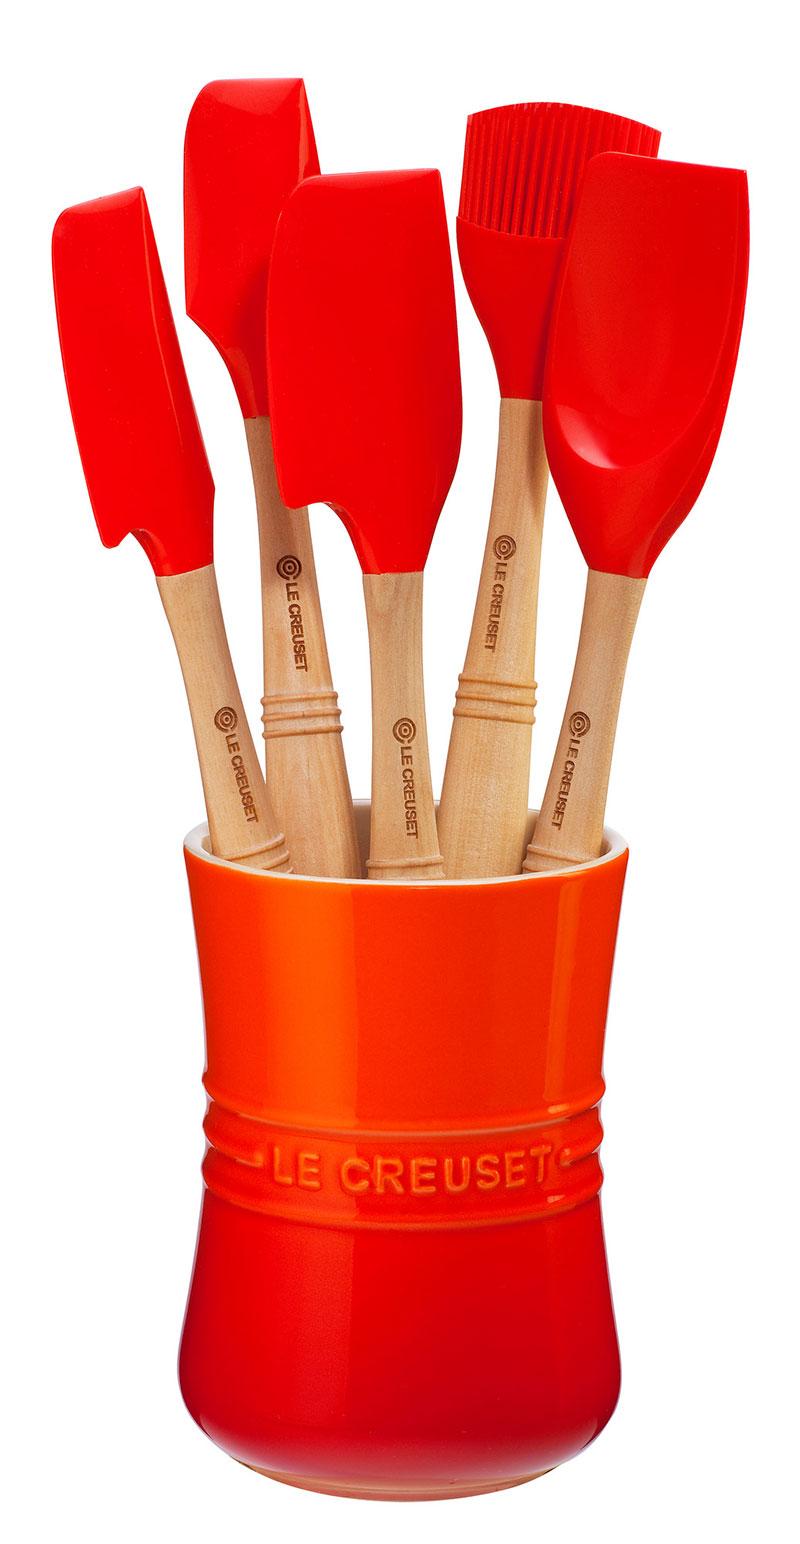 utensil5.jpg